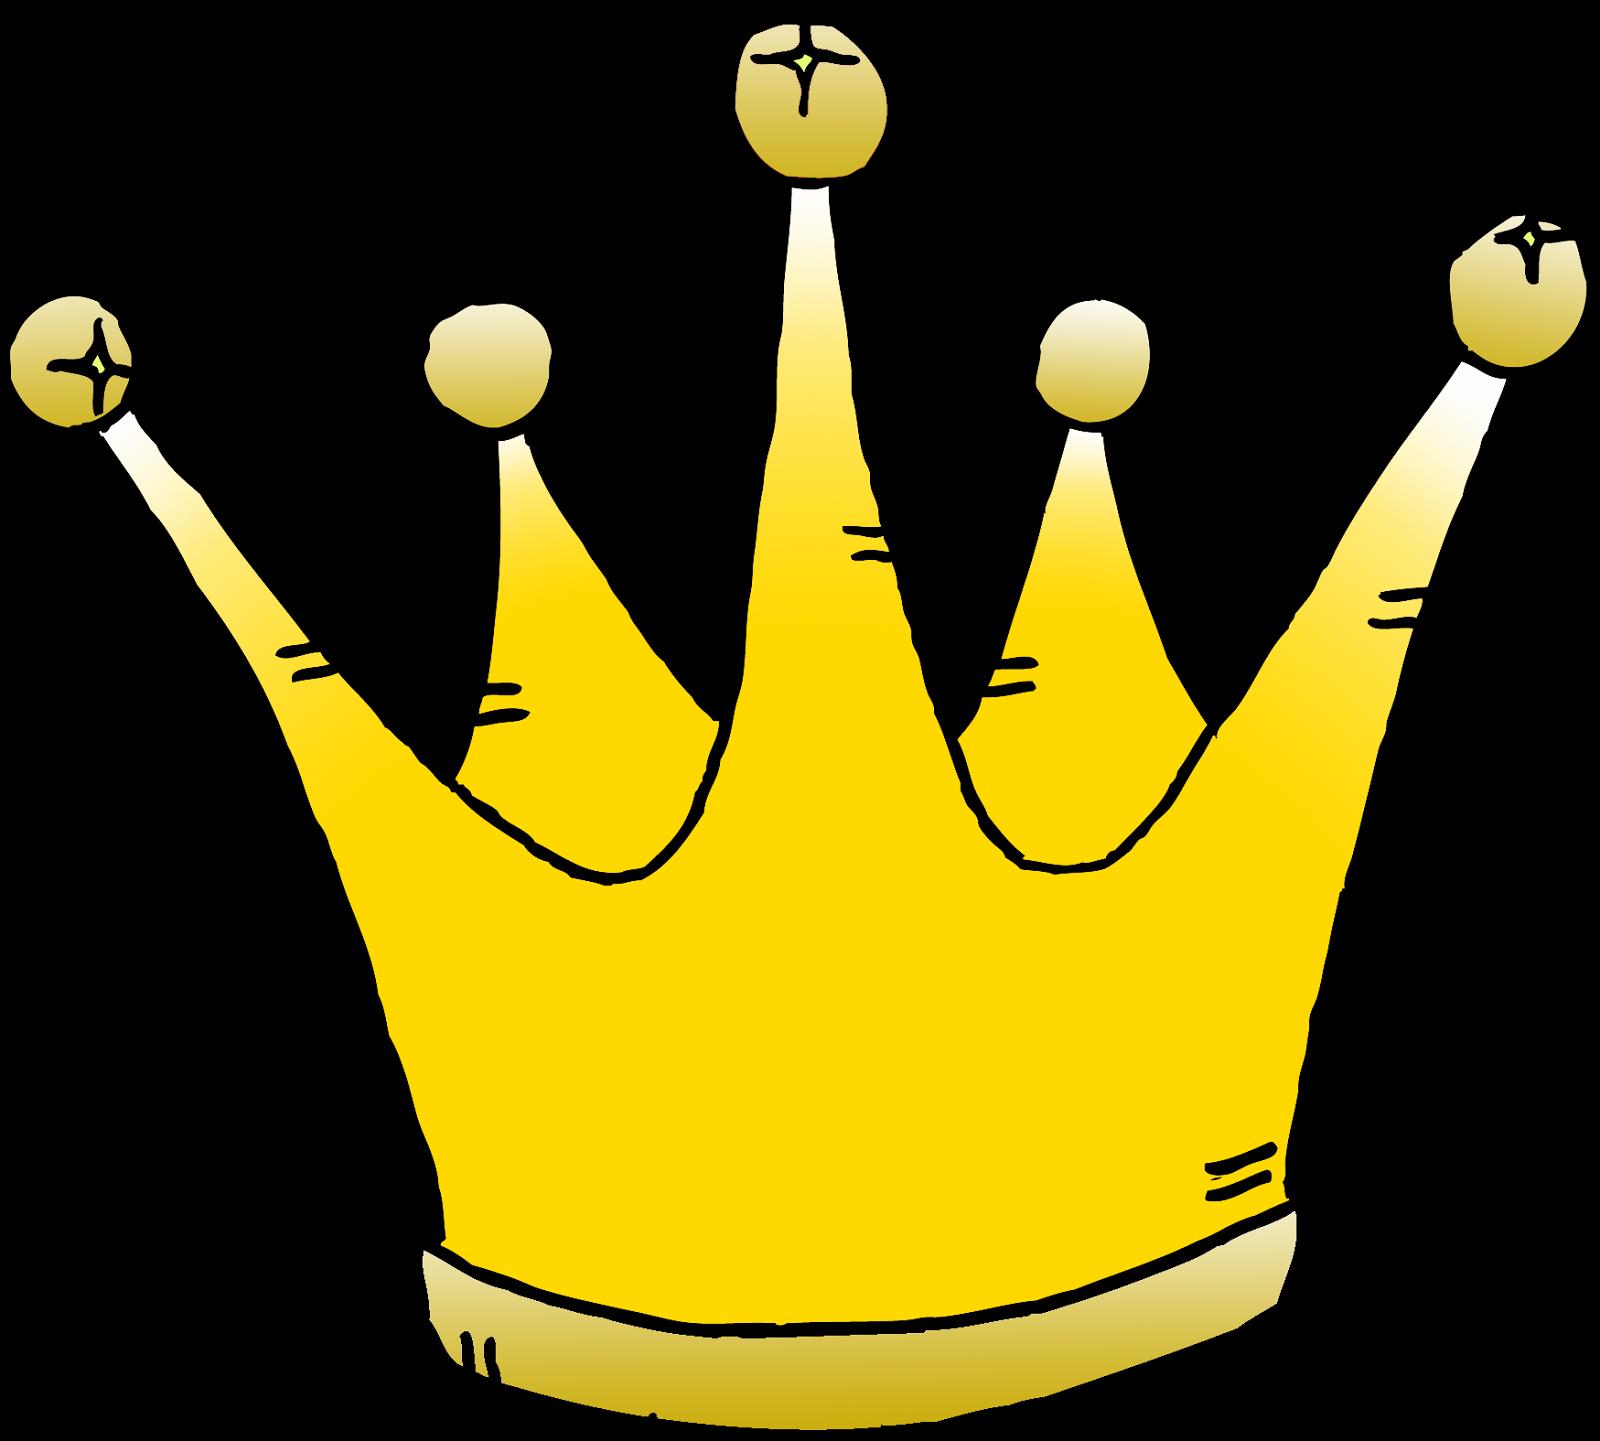 Fairy crown clipart